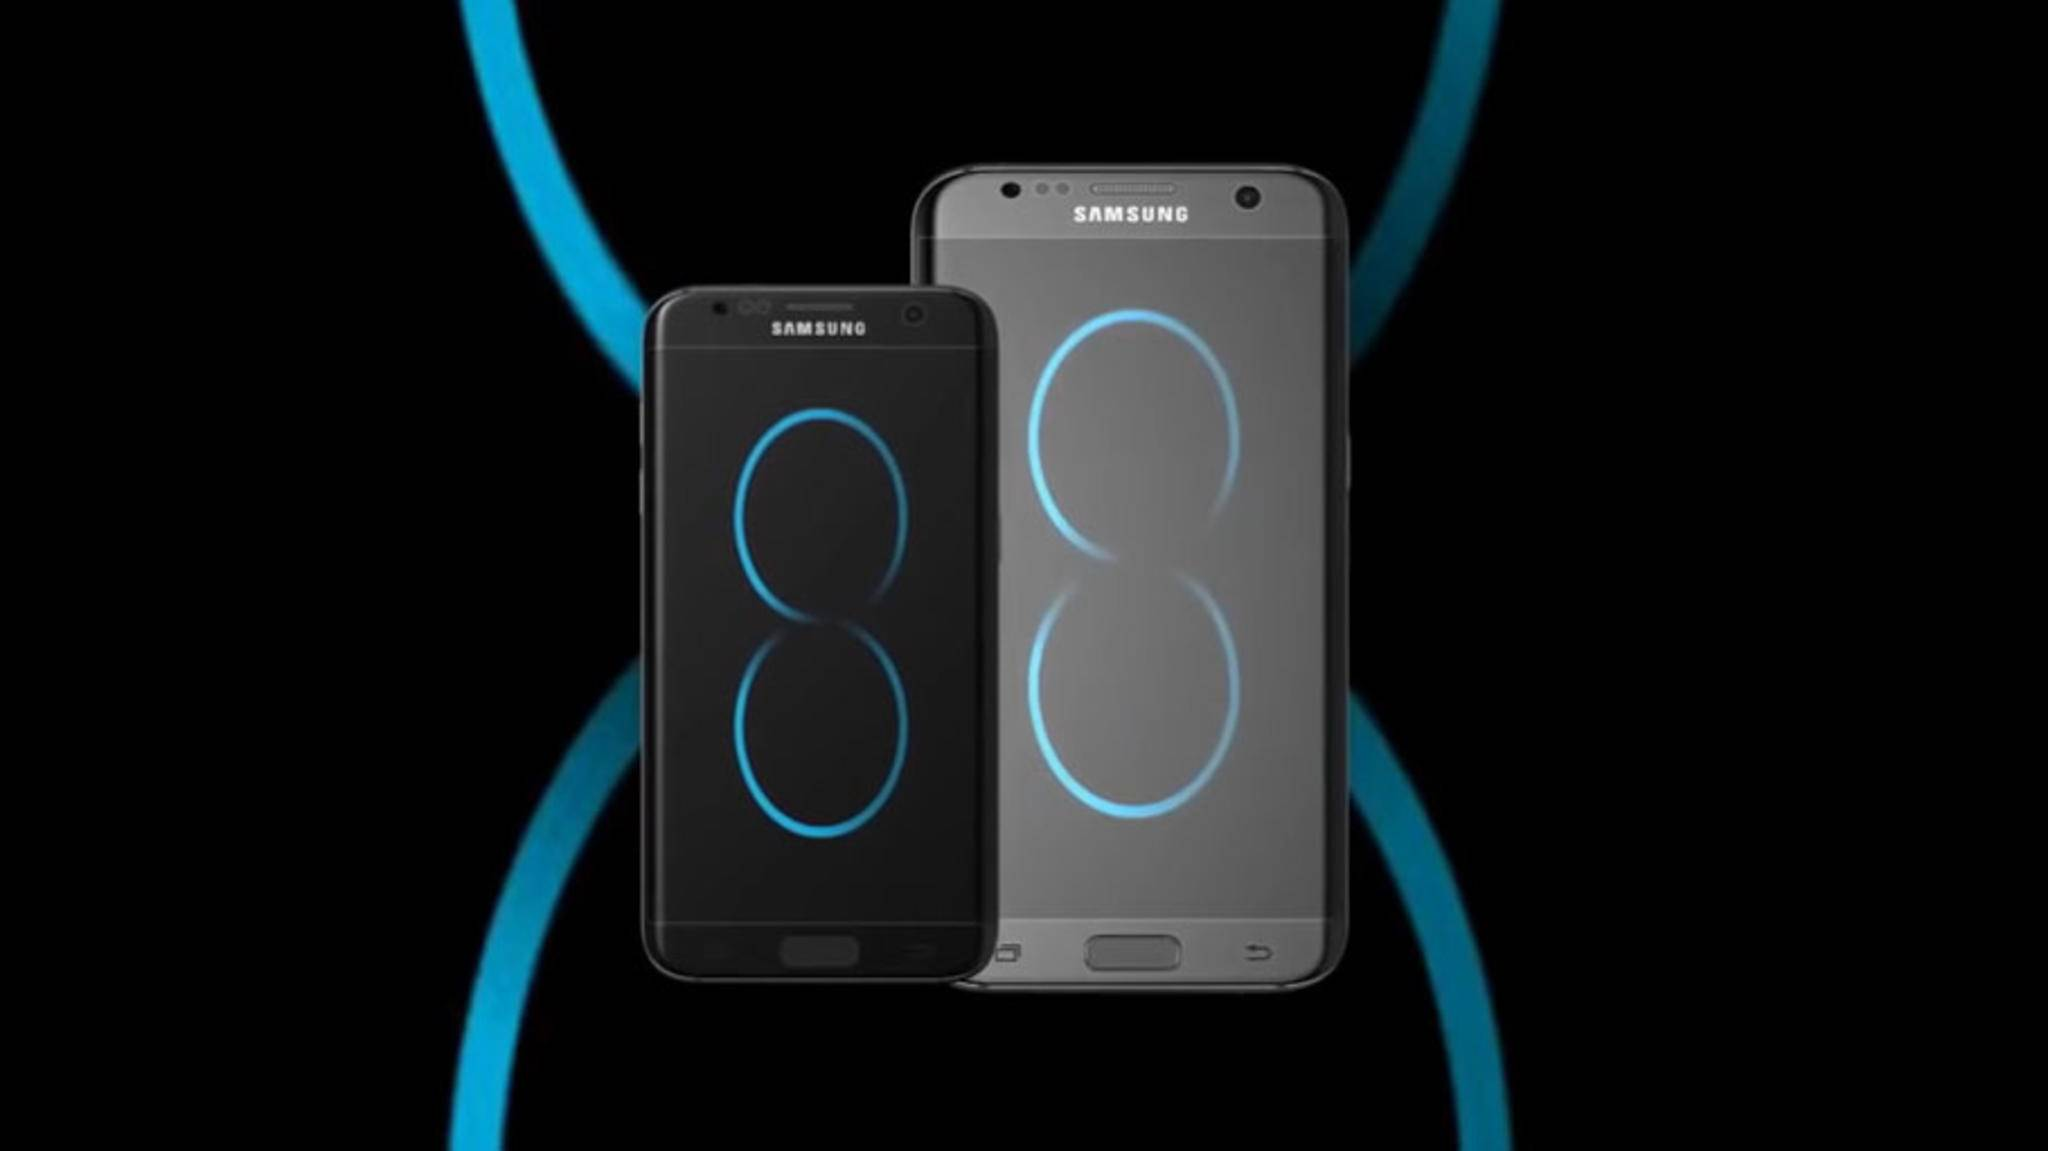 Galaxy S8: Samsung will mehr Plus-Modelle als Normale bauen